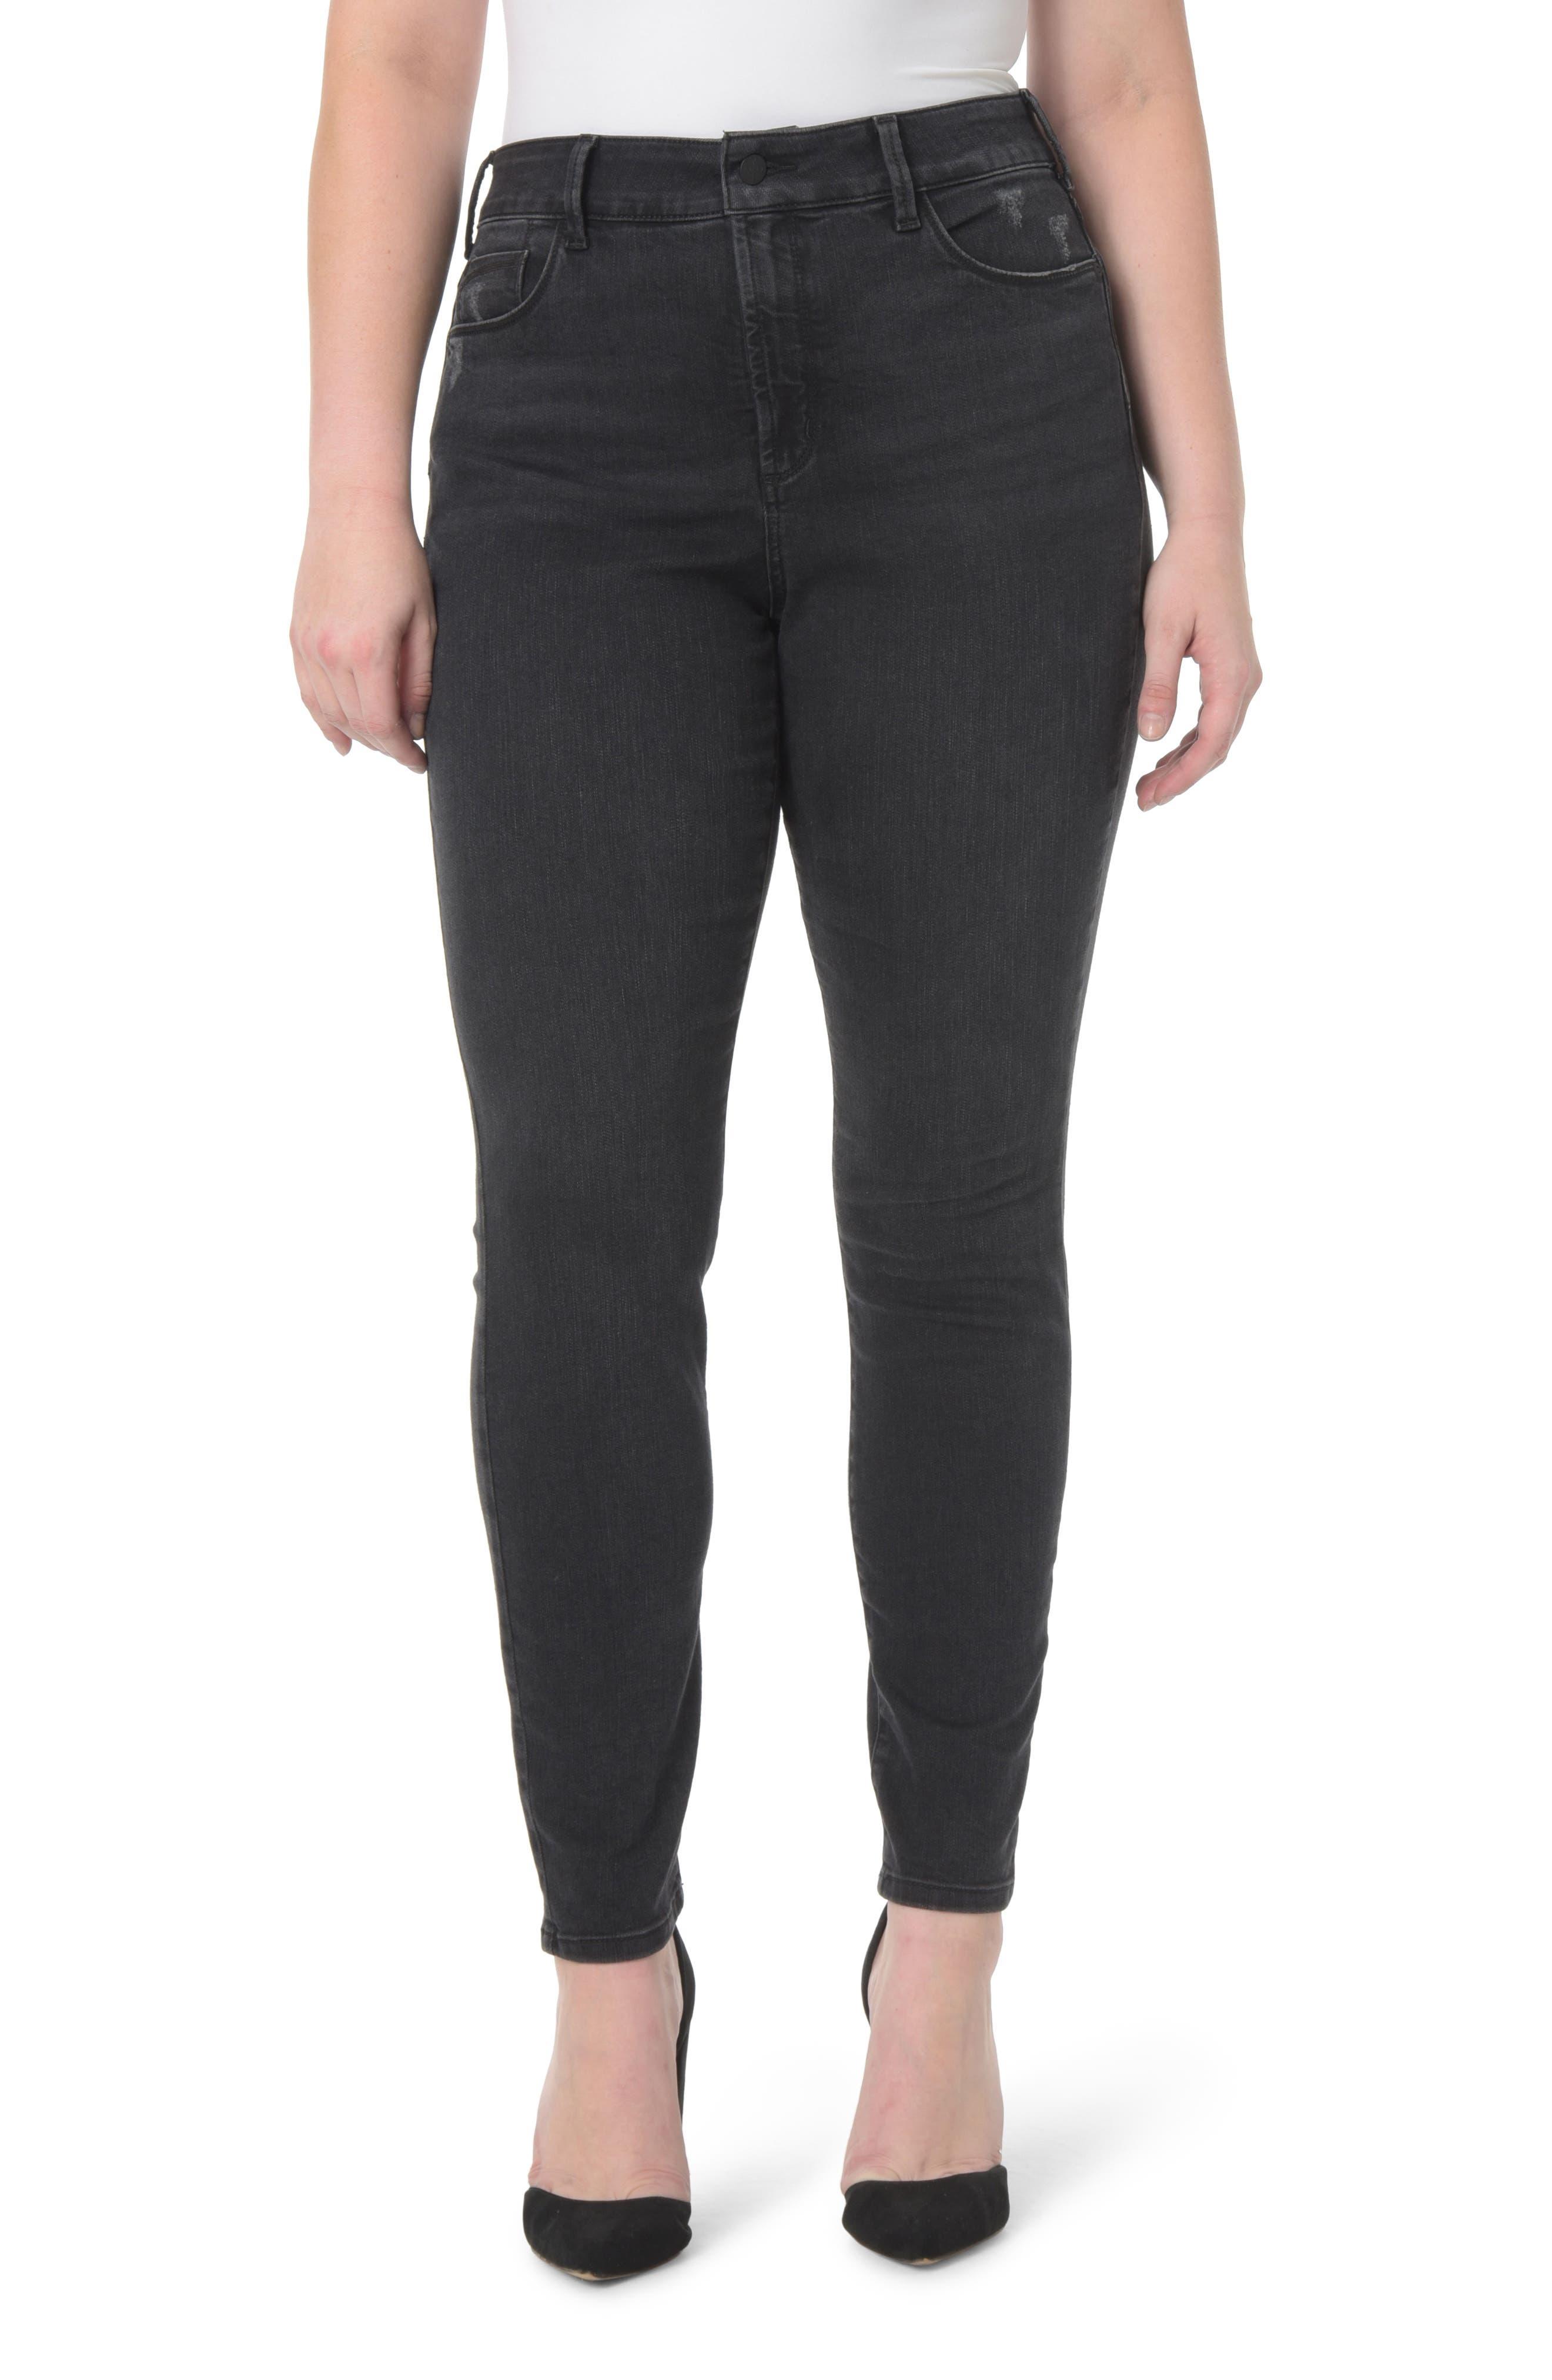 NYDJ Alina Uplift Stretch Skinny Jeans (Plus Size)